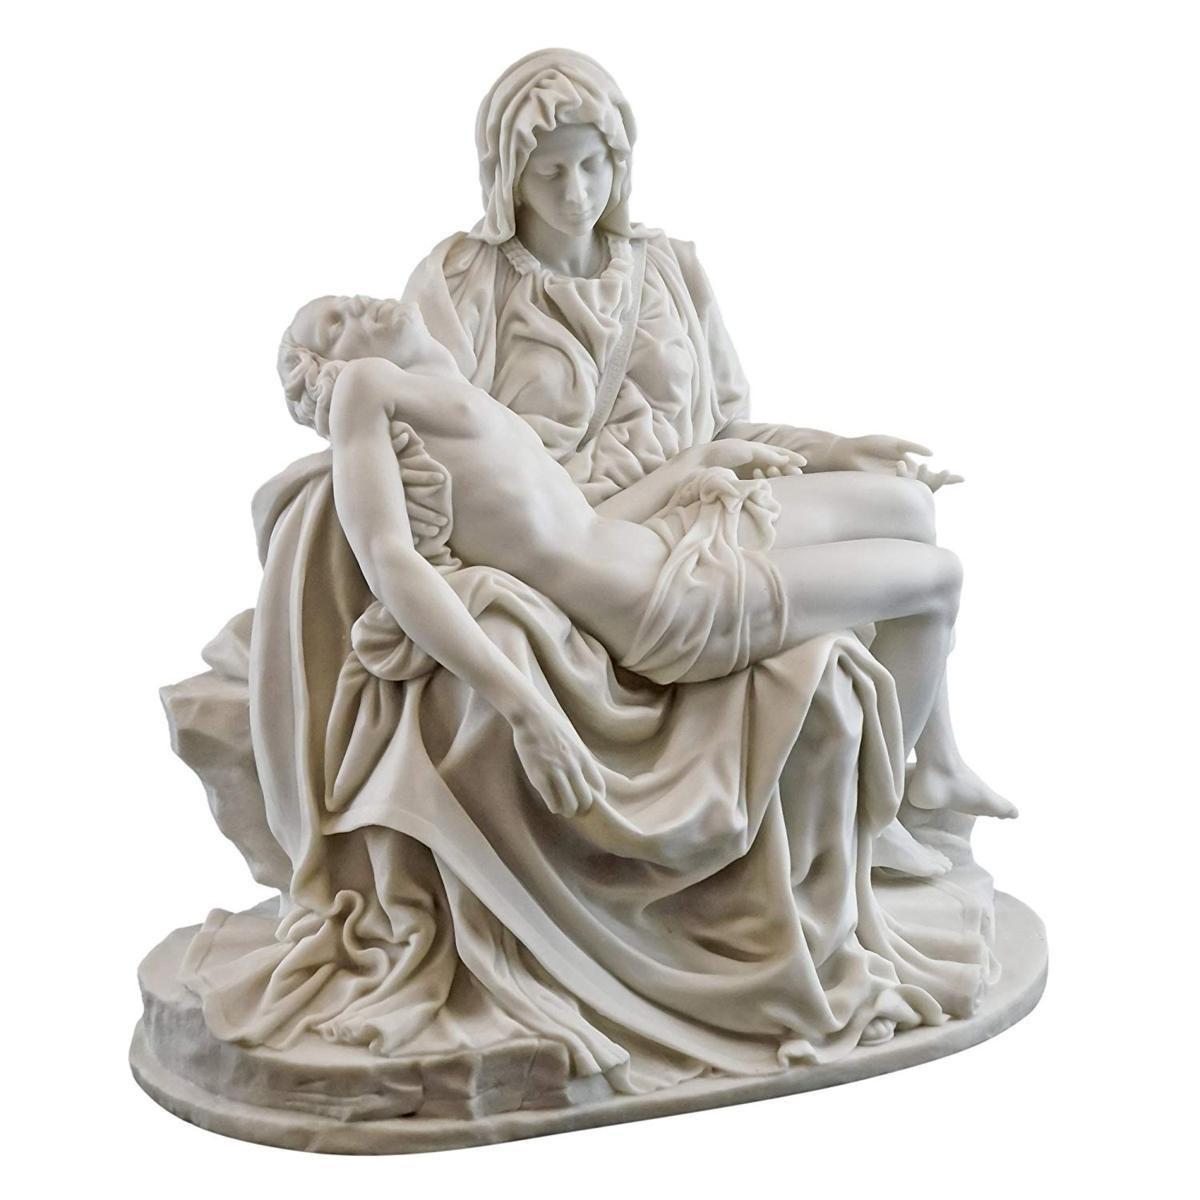 トップコレクション製 ピエタ 大理石風仕上げ - ルネッサンス彫刻 ミケランジェロ・ブオナローティ作 彫像 彫刻(輸入品)